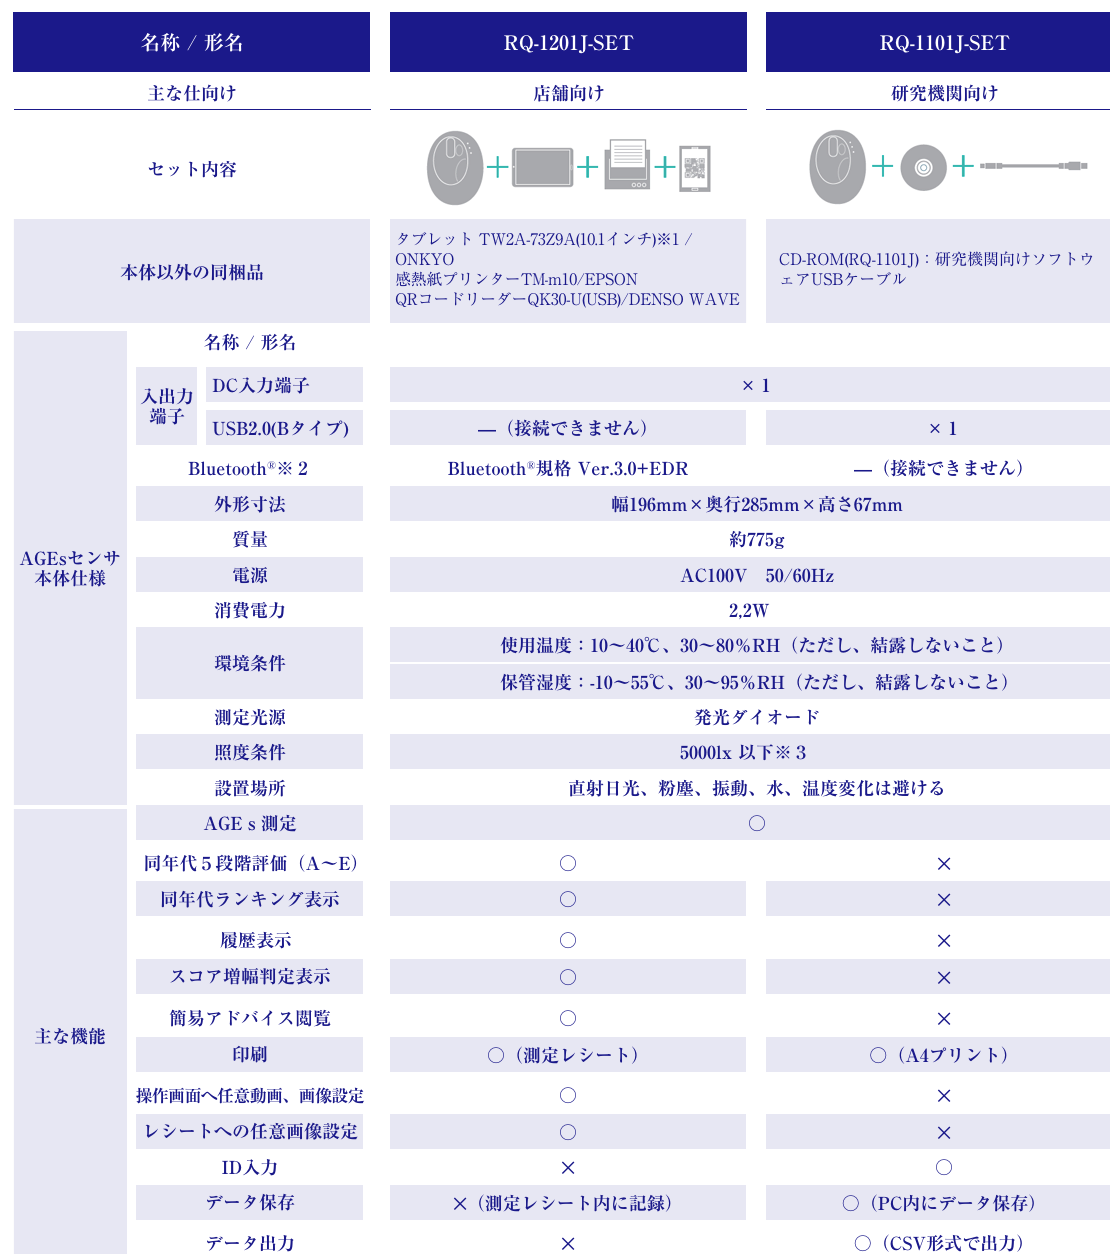 を て し システム ダイアログ 印刷 使用 Webアプリケーションでプレビュー表示せずにレポートを印刷する方法は?【※サンプル有り】